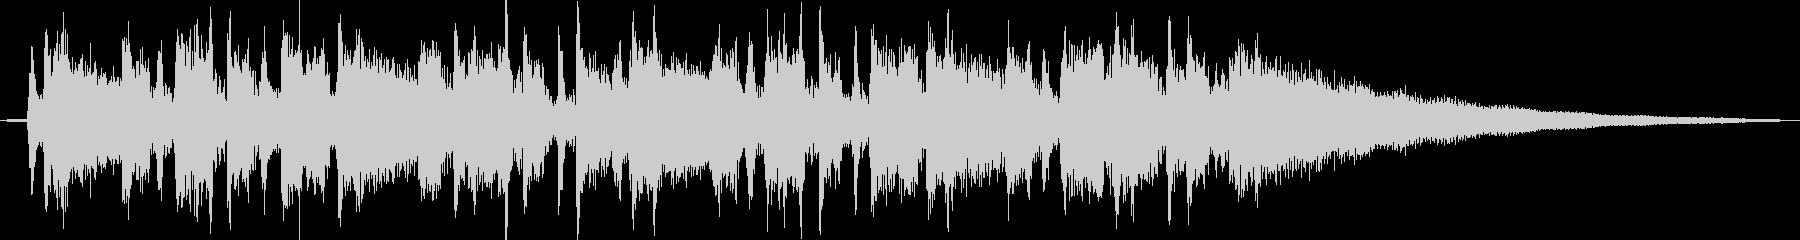 アコギのファンキーなカッティングの未再生の波形